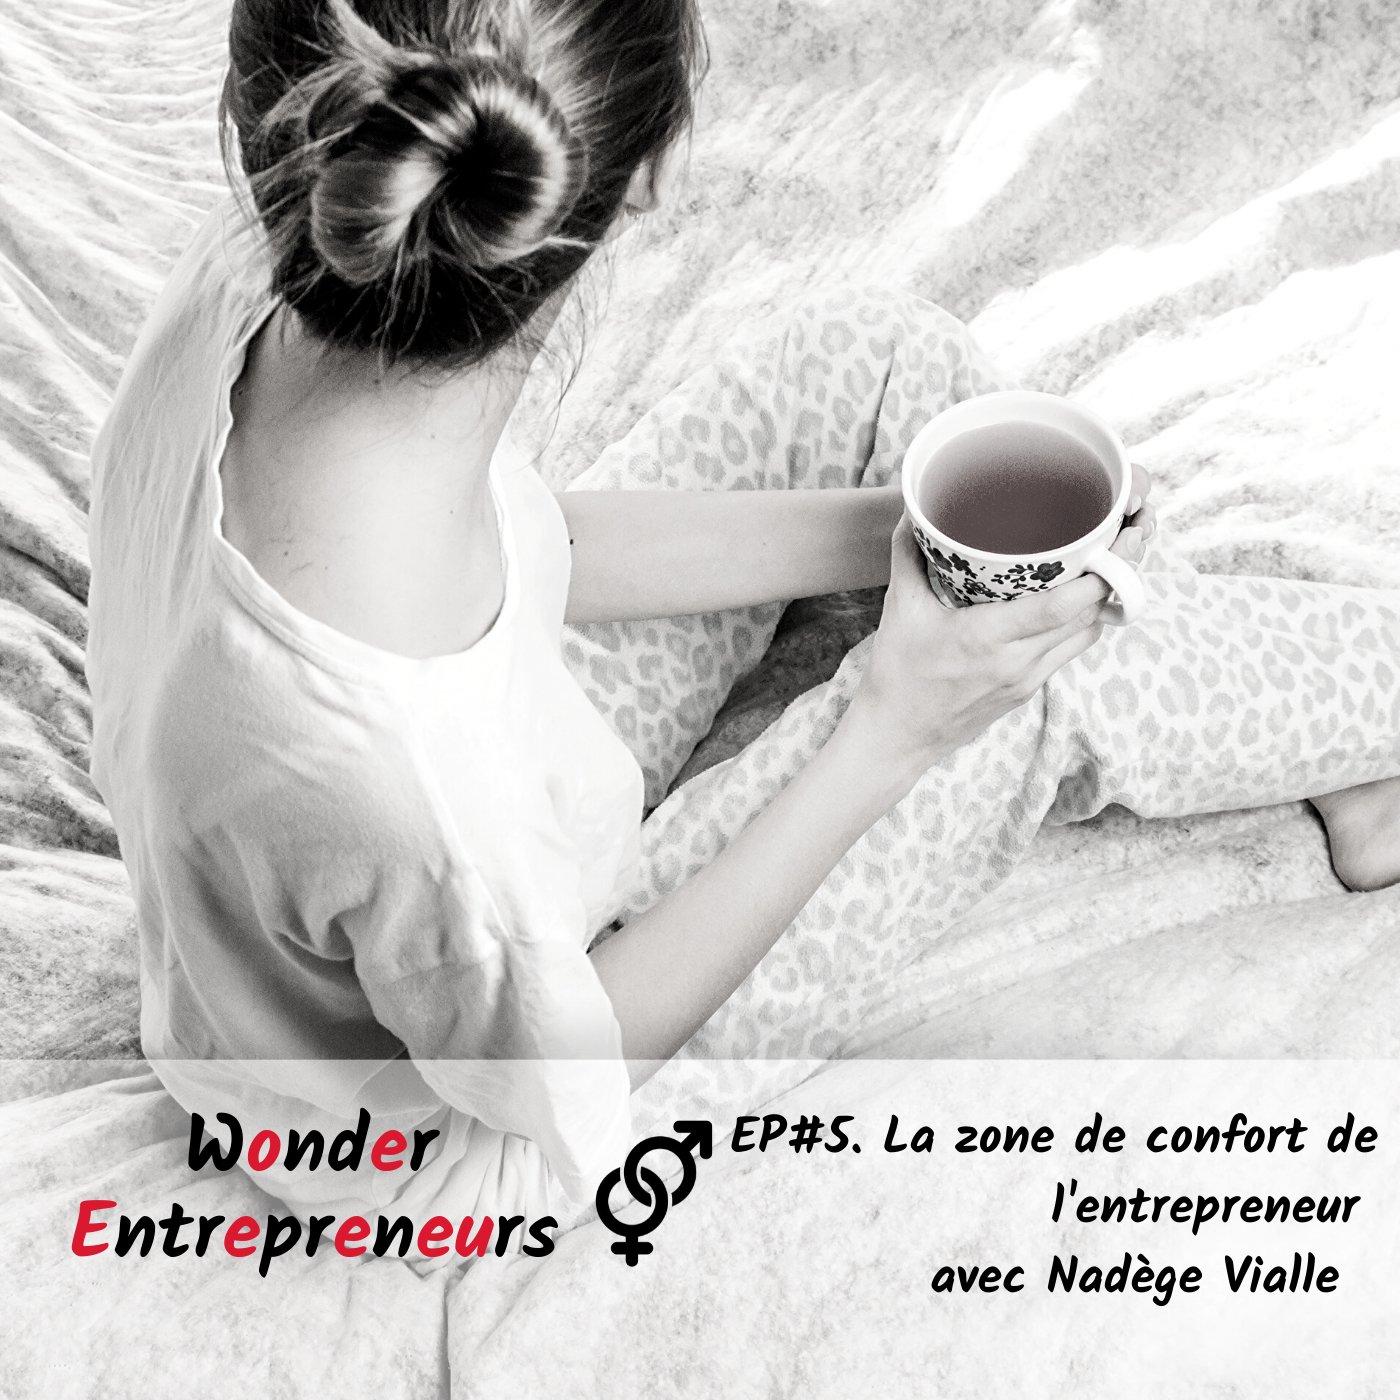 EP 5 WONDER ENTREPRENEURS LA ZONE DE CONFORT DE L'ENTREPRENEUR